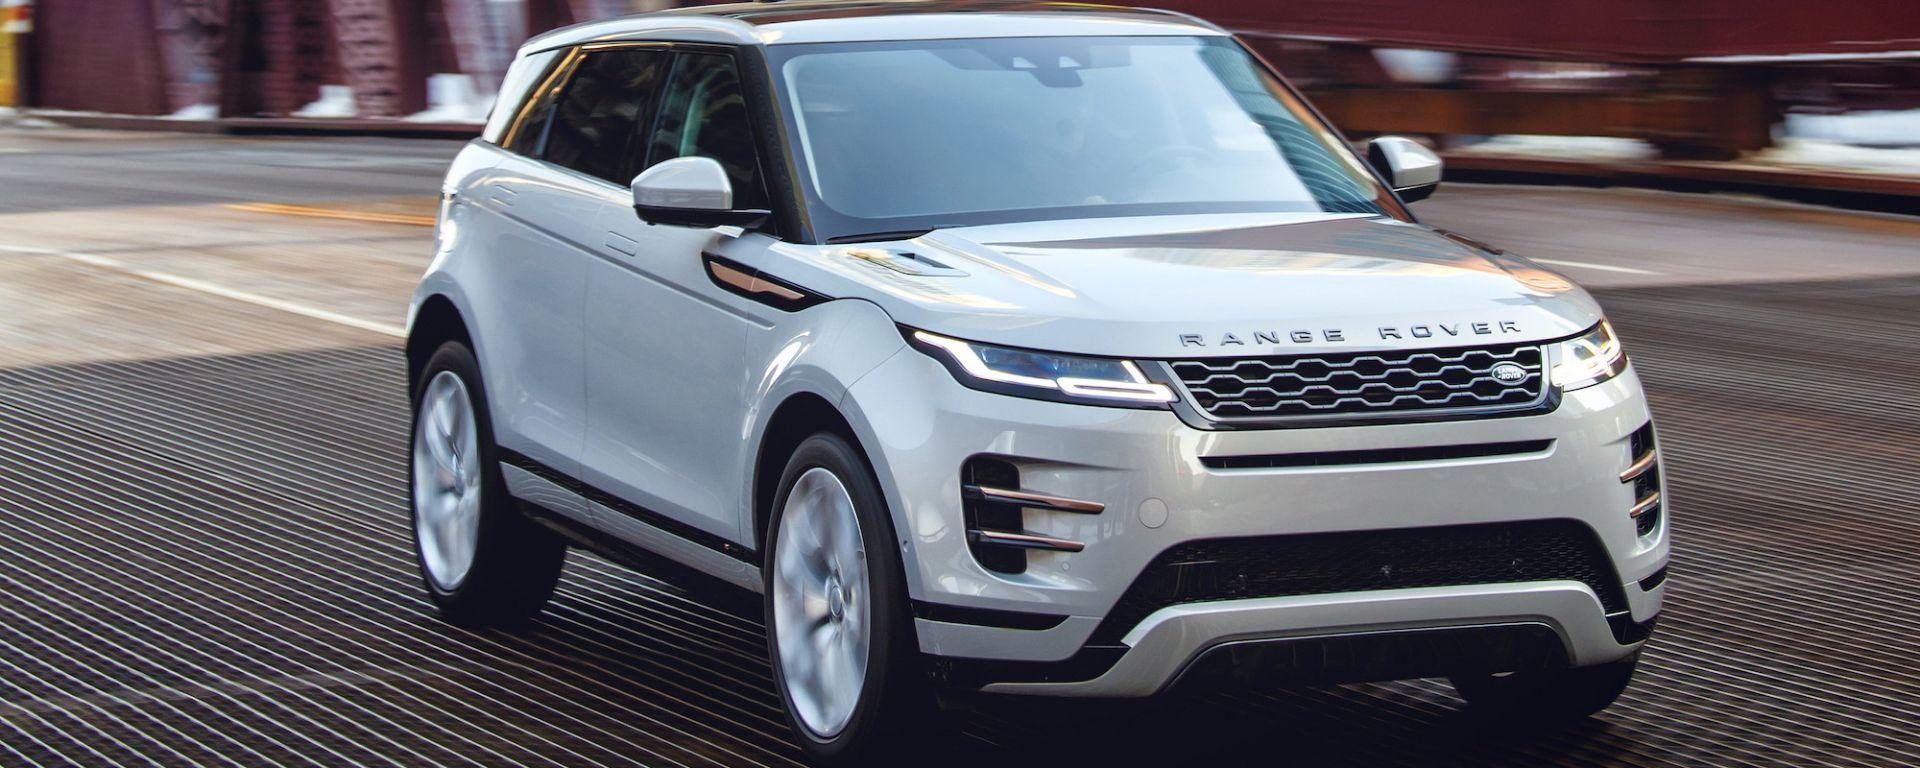 Range Rover Evoque 2020: nuovo motore e tecnologia avanzata